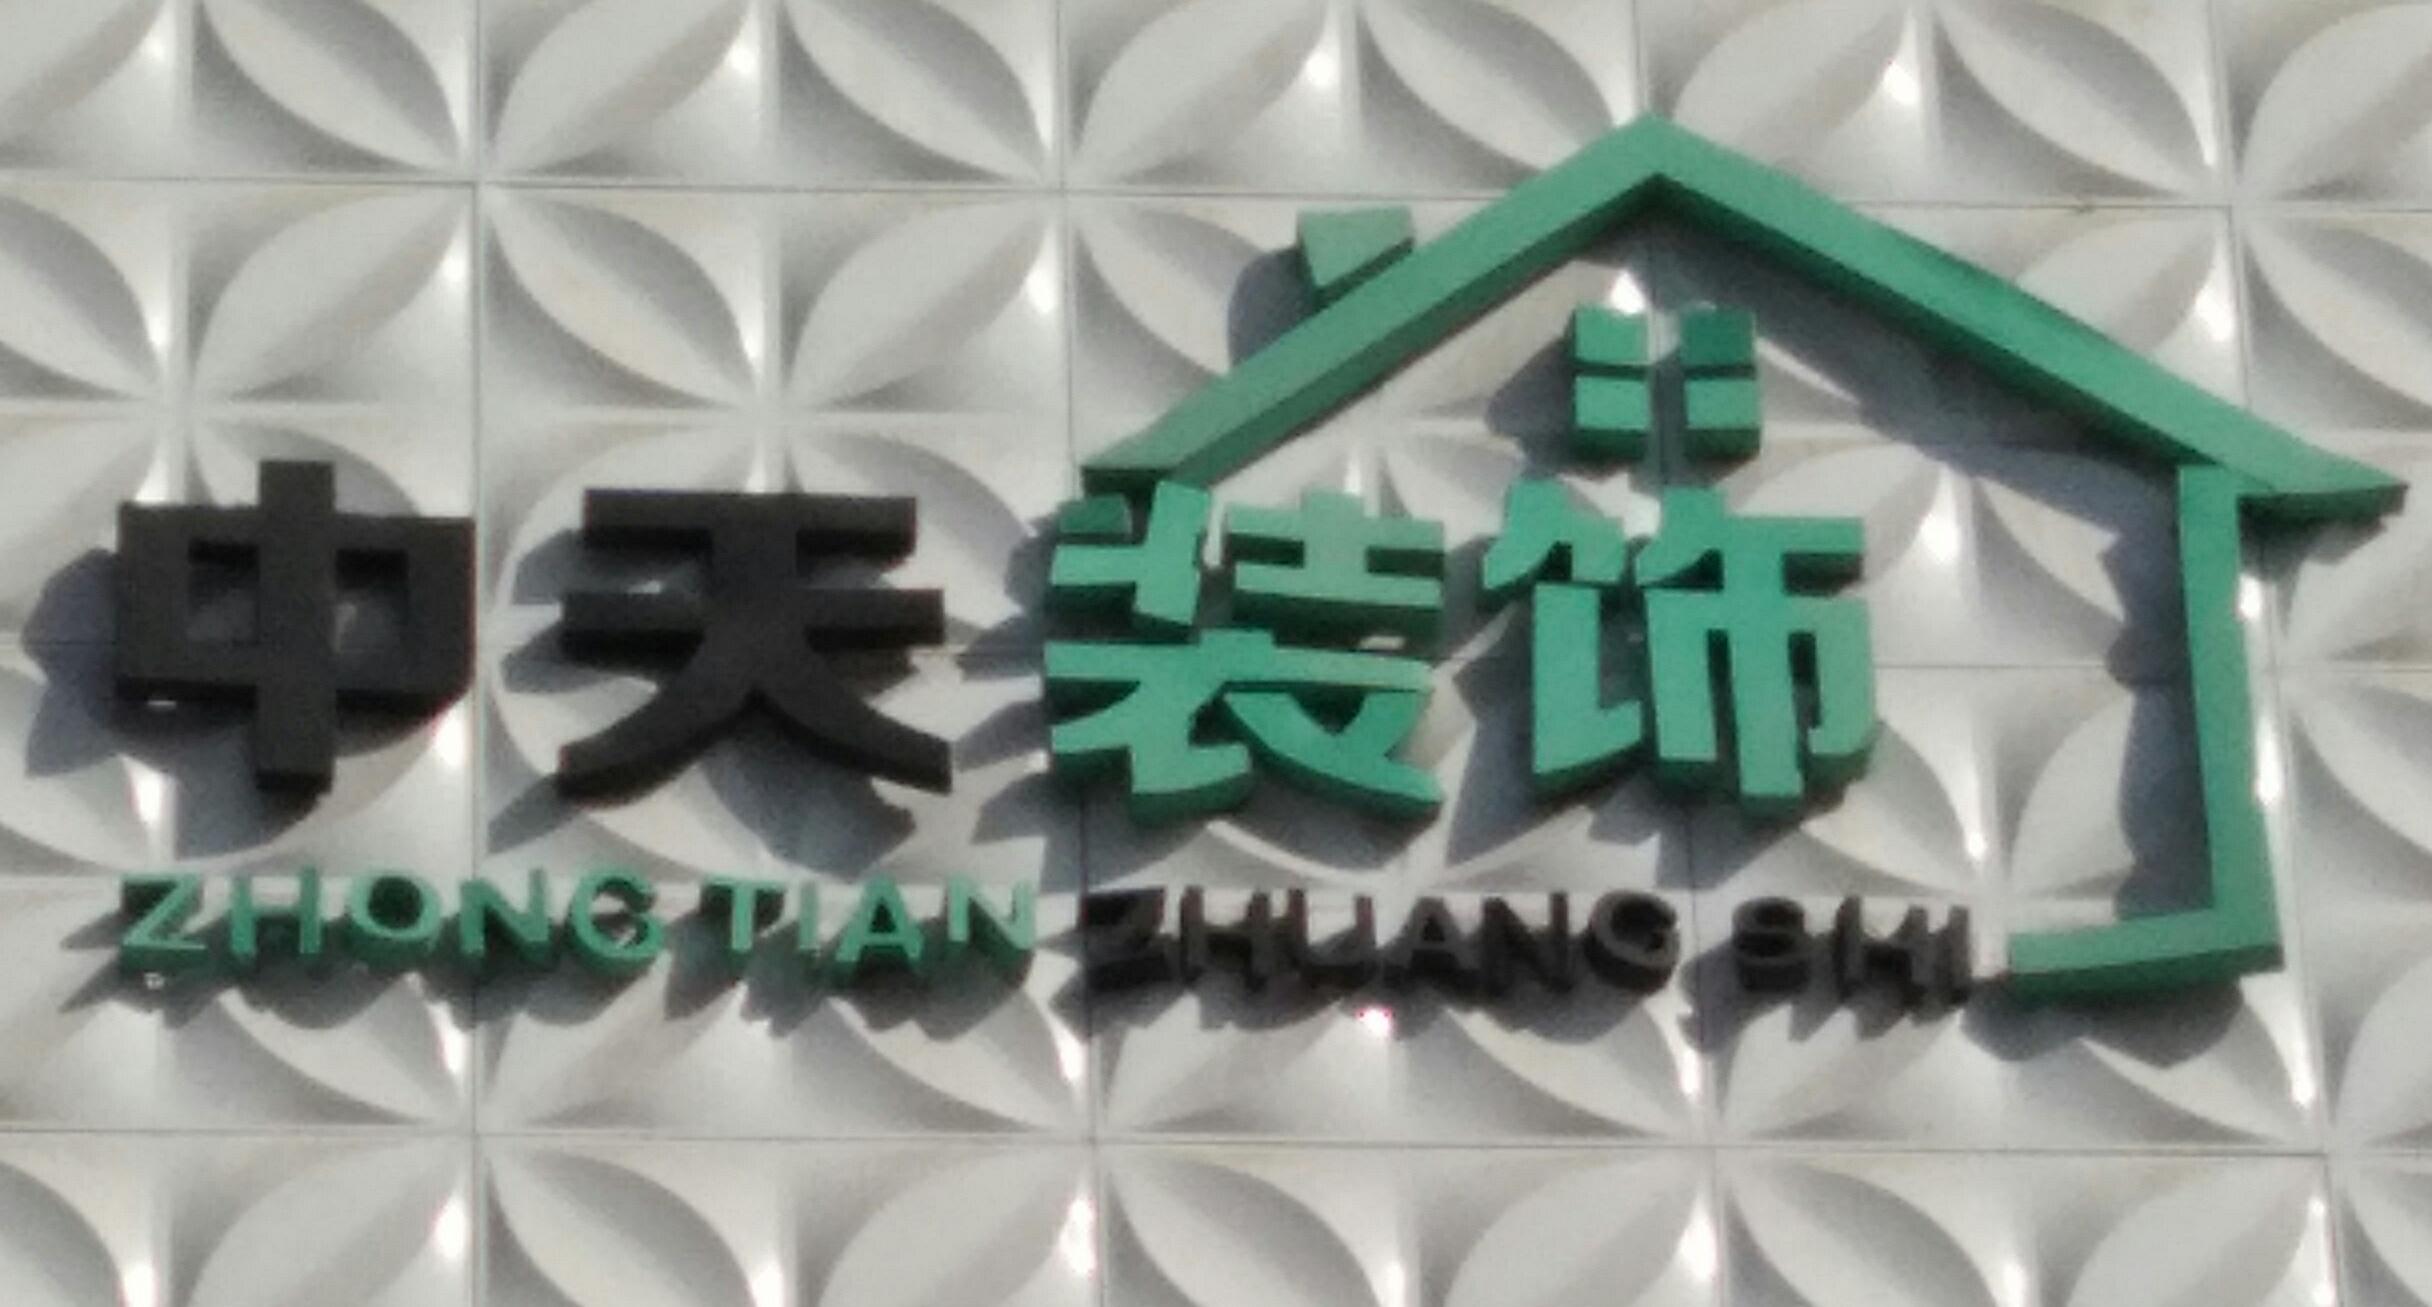 秦皇岛中天装饰工程有限公司